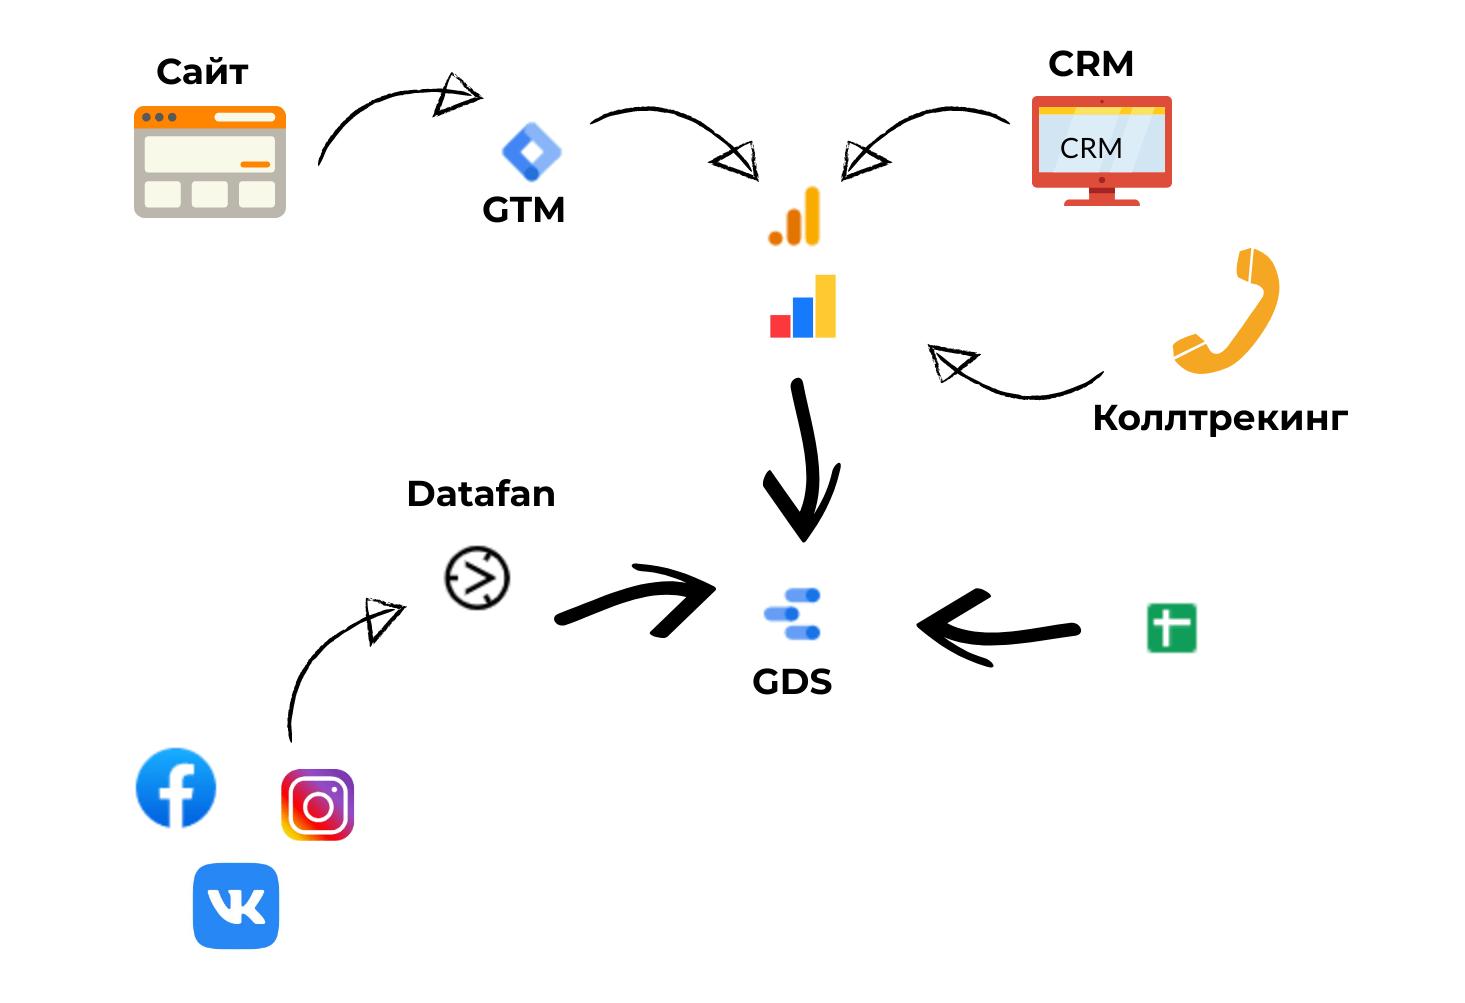 Путь, по которому данные собираются в систему сквозной аналитики